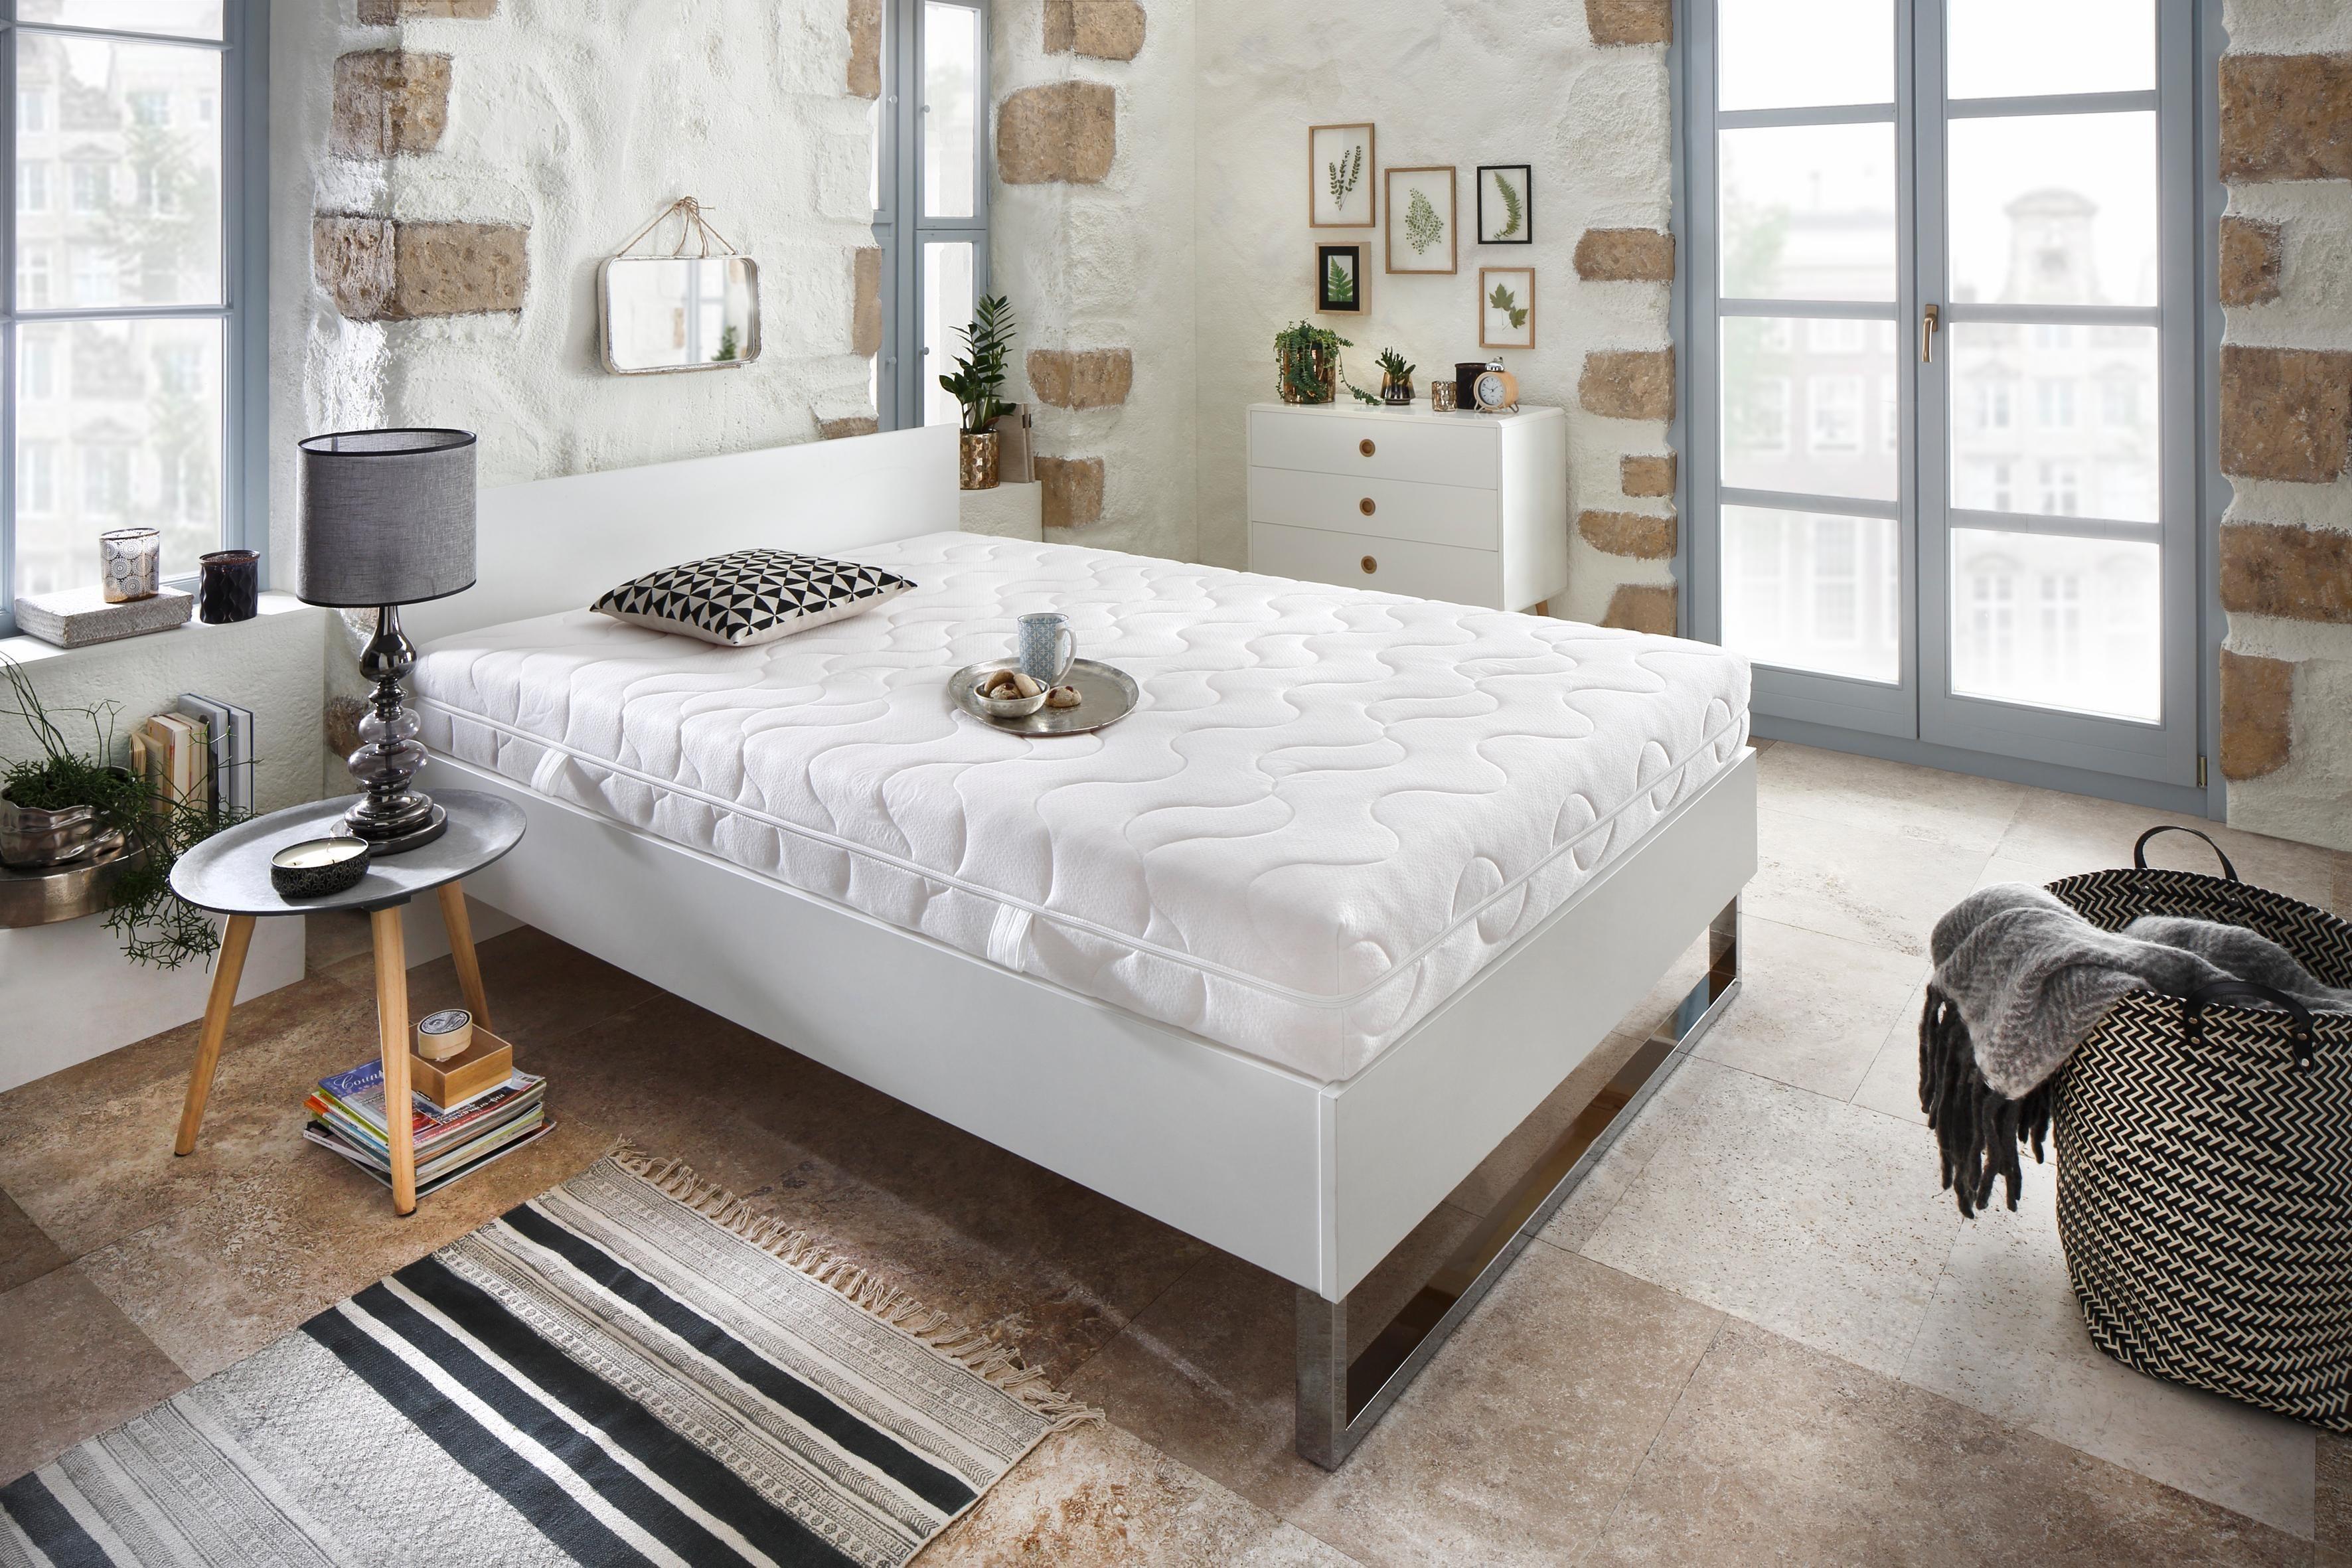 Komfortschaummatratze »Double Deluxe 20«, Beco, 20 cm hoch, Raumgewicht: 28, (1-tlg), TÜV-Testurteil ´´GUT´´, top in Preis-Leistung | Schlafzimmer > Matratzen > Kaltschaum-matratzen | Beco